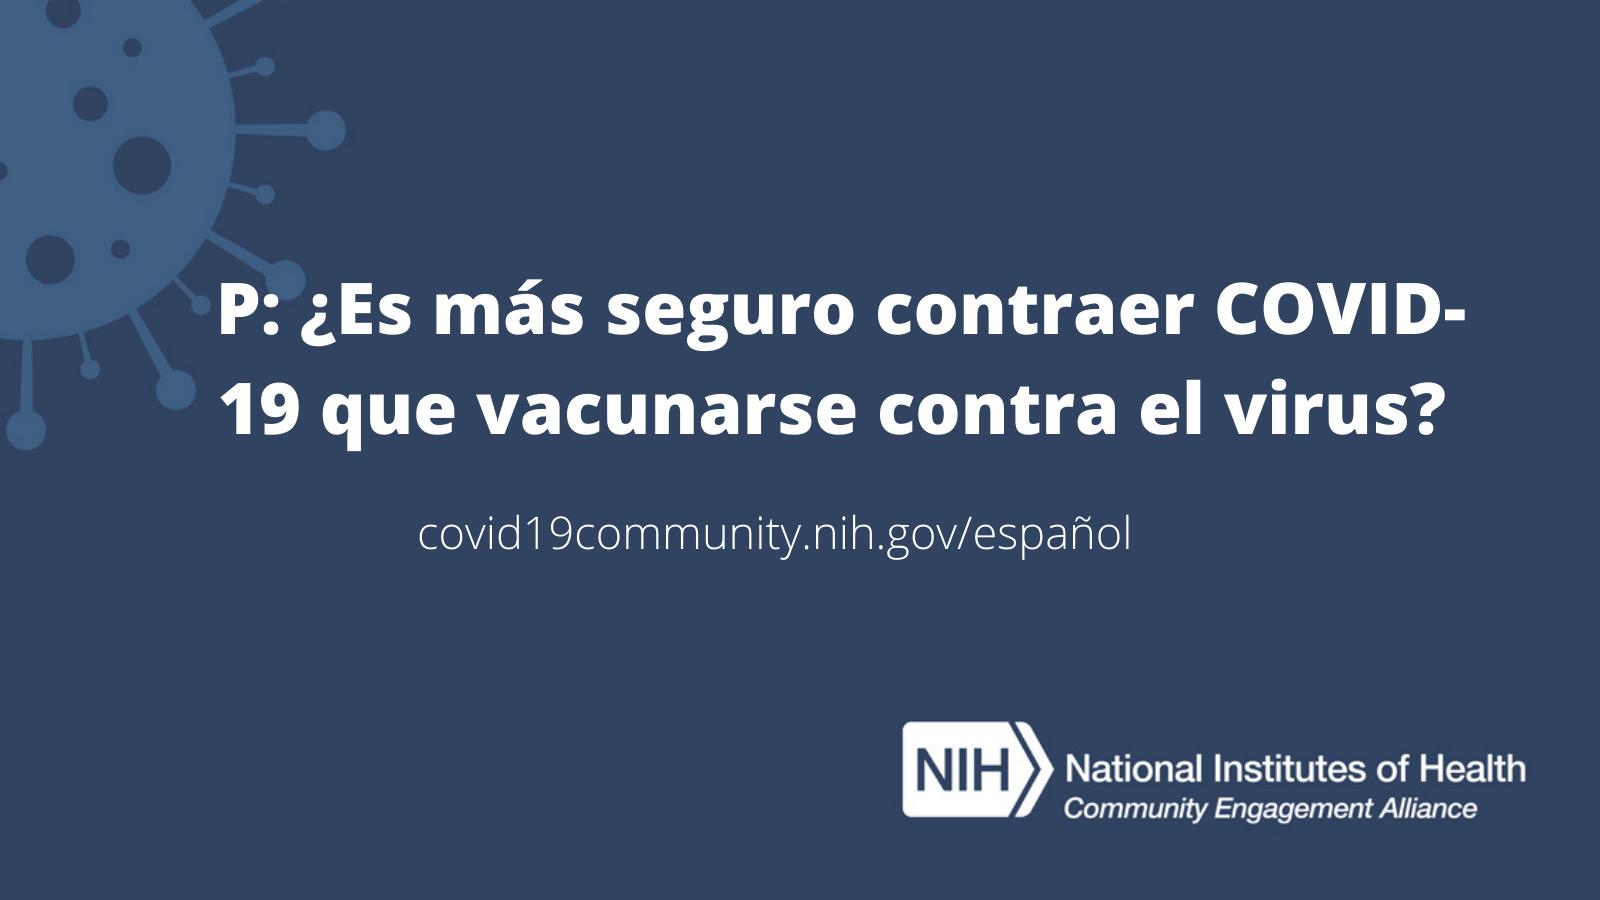 P: ¿Es más seguro contraer COVID-19 que vacunarse contra el virus?